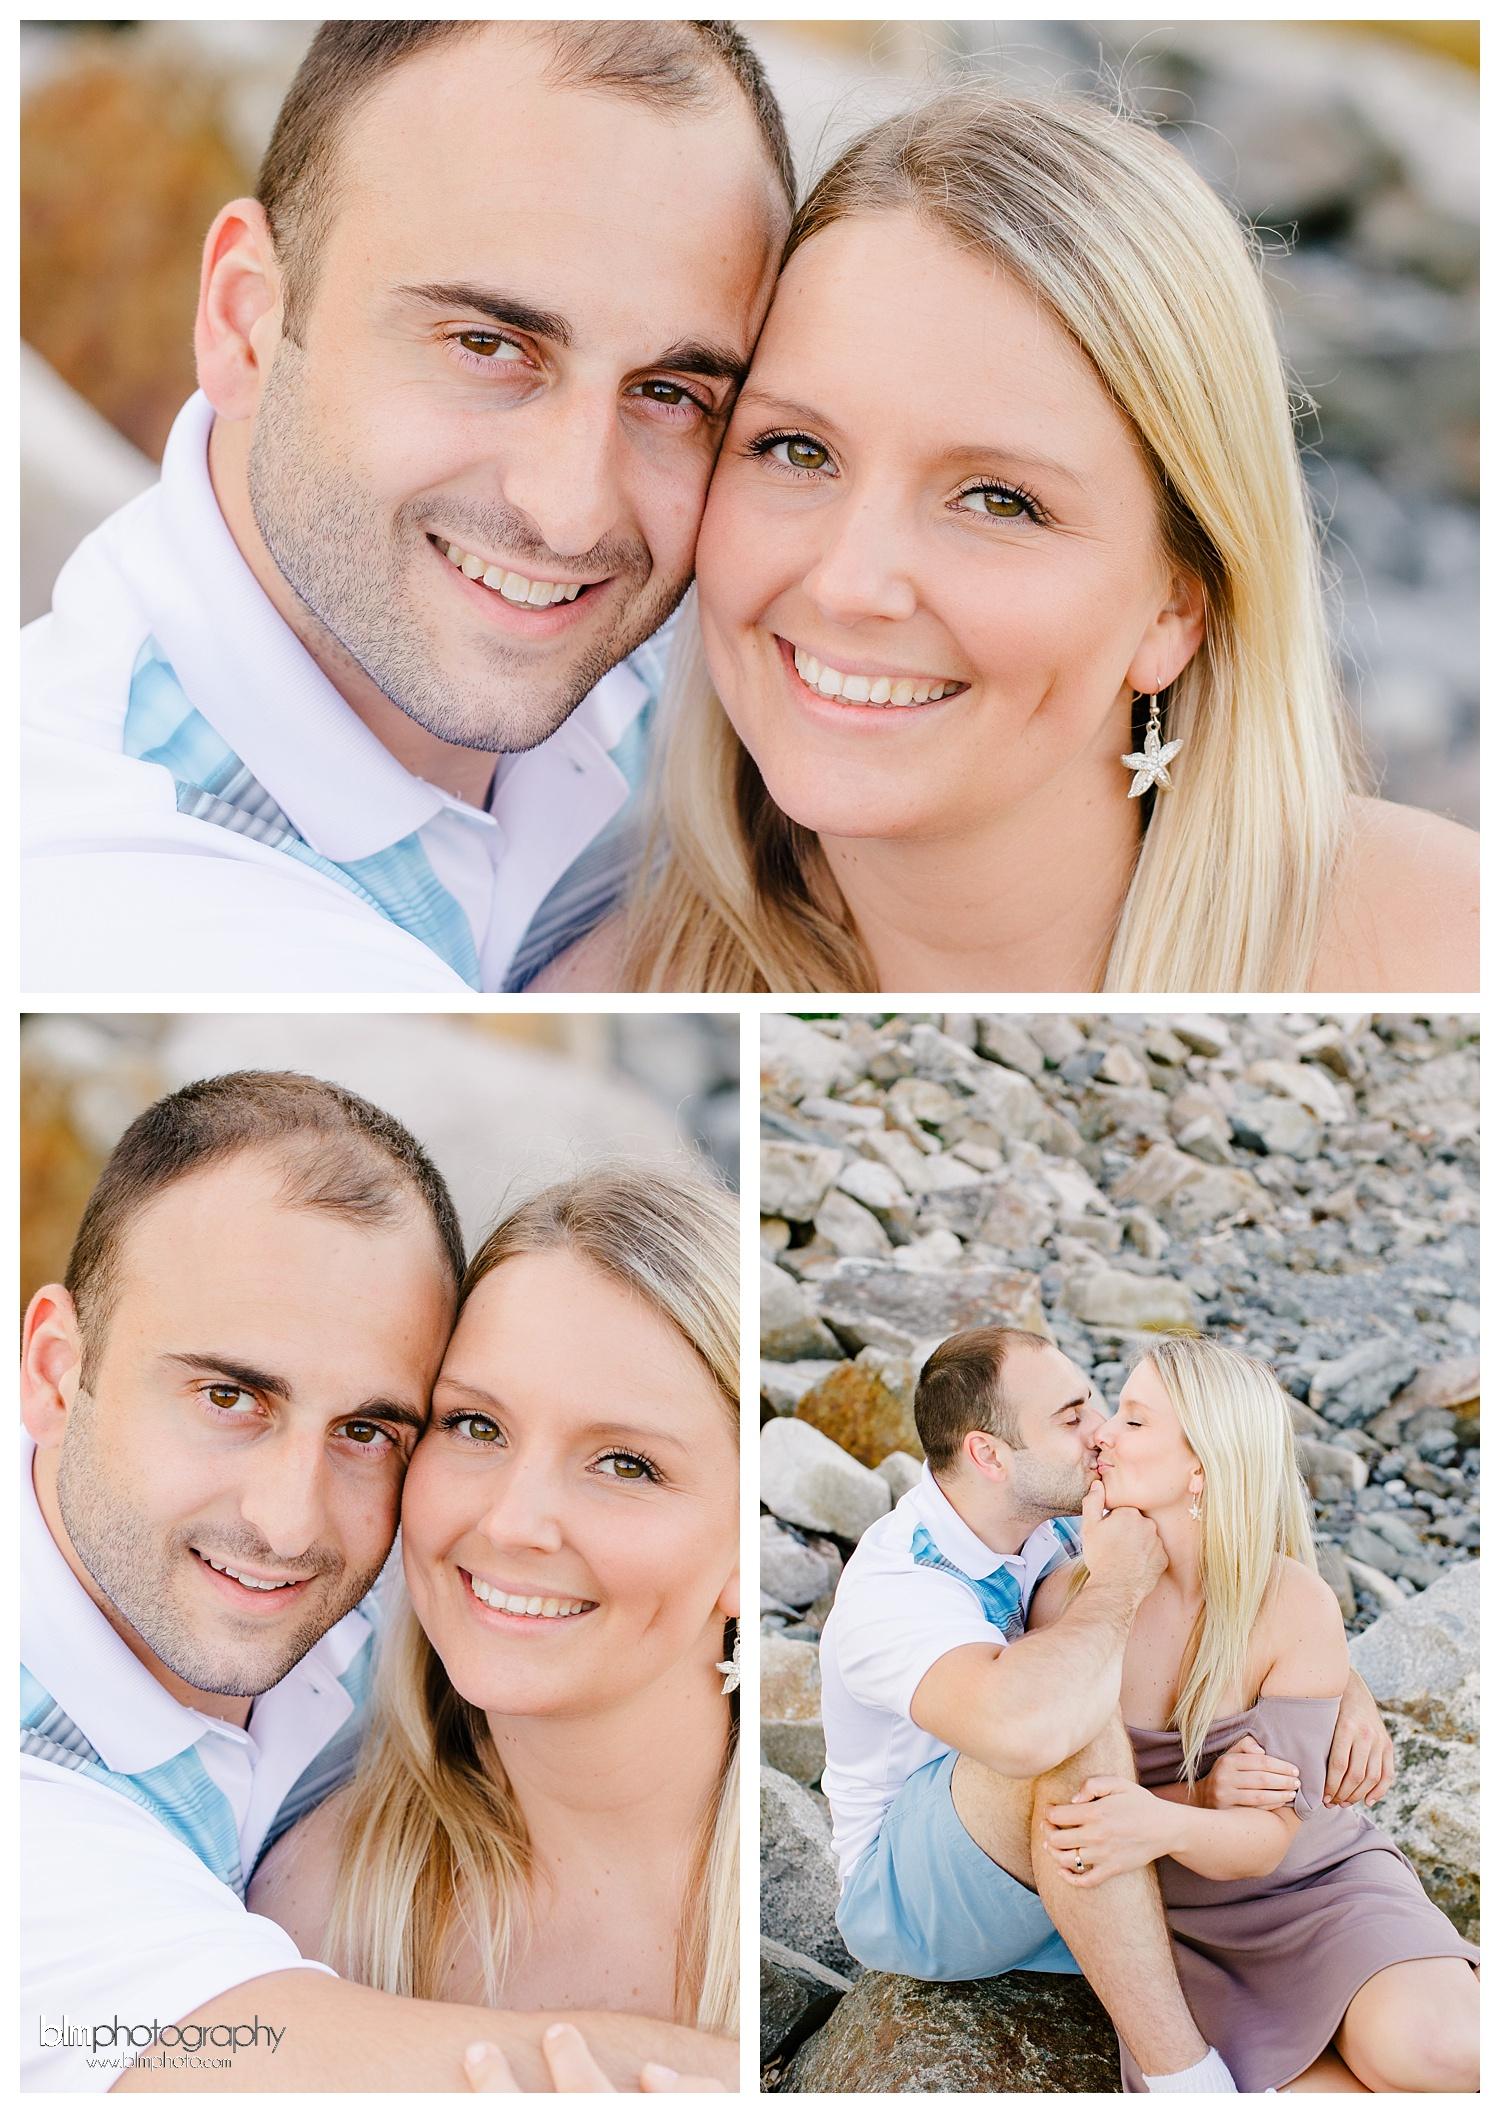 084Sarah-Jimmy-Engagement-9462.jpg